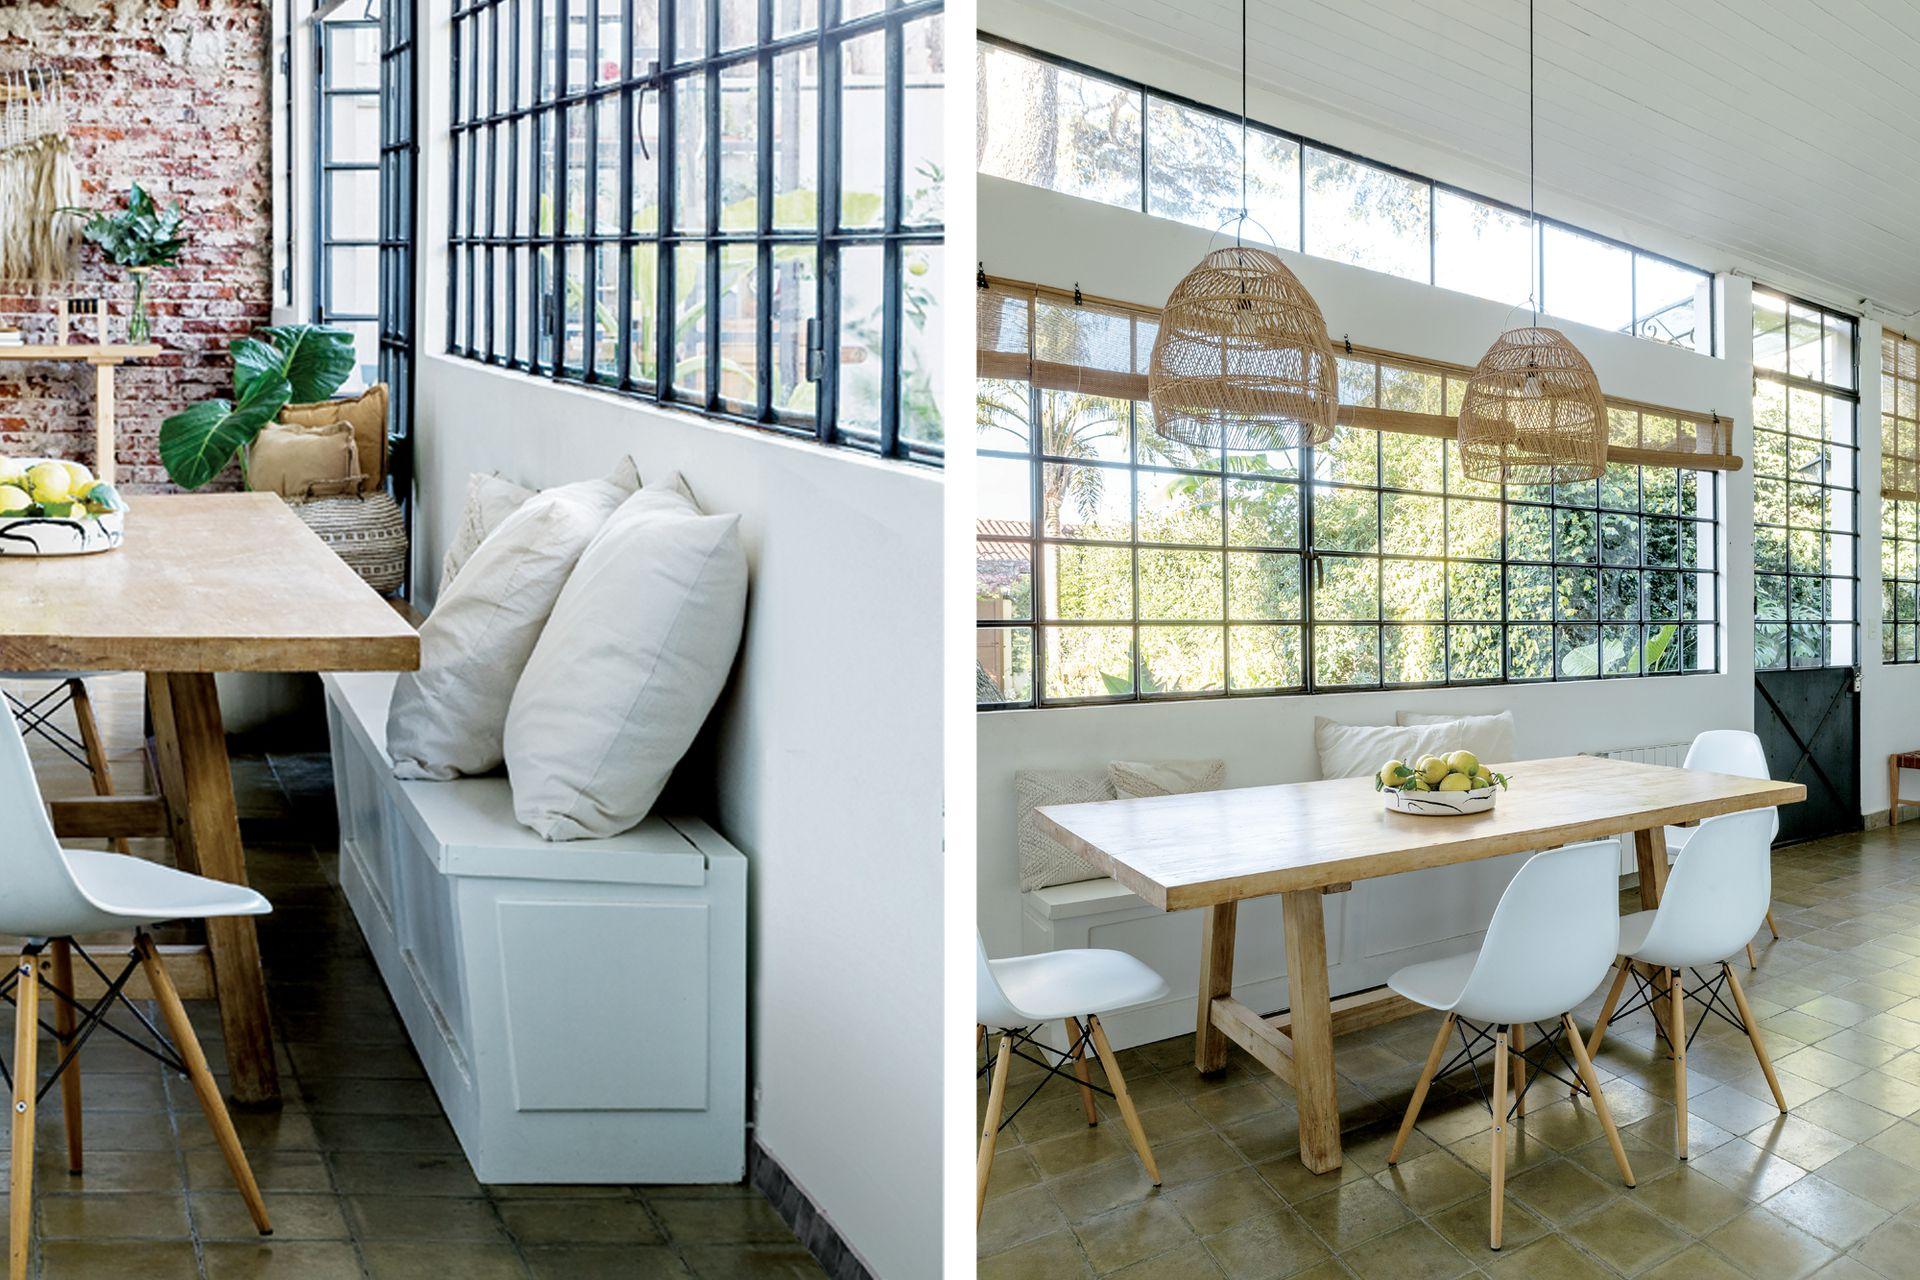 Los dueños de casa aseguran que volverían a elegir el vidrio repartido. También advierten que requiere de un buen sistema de climatización.